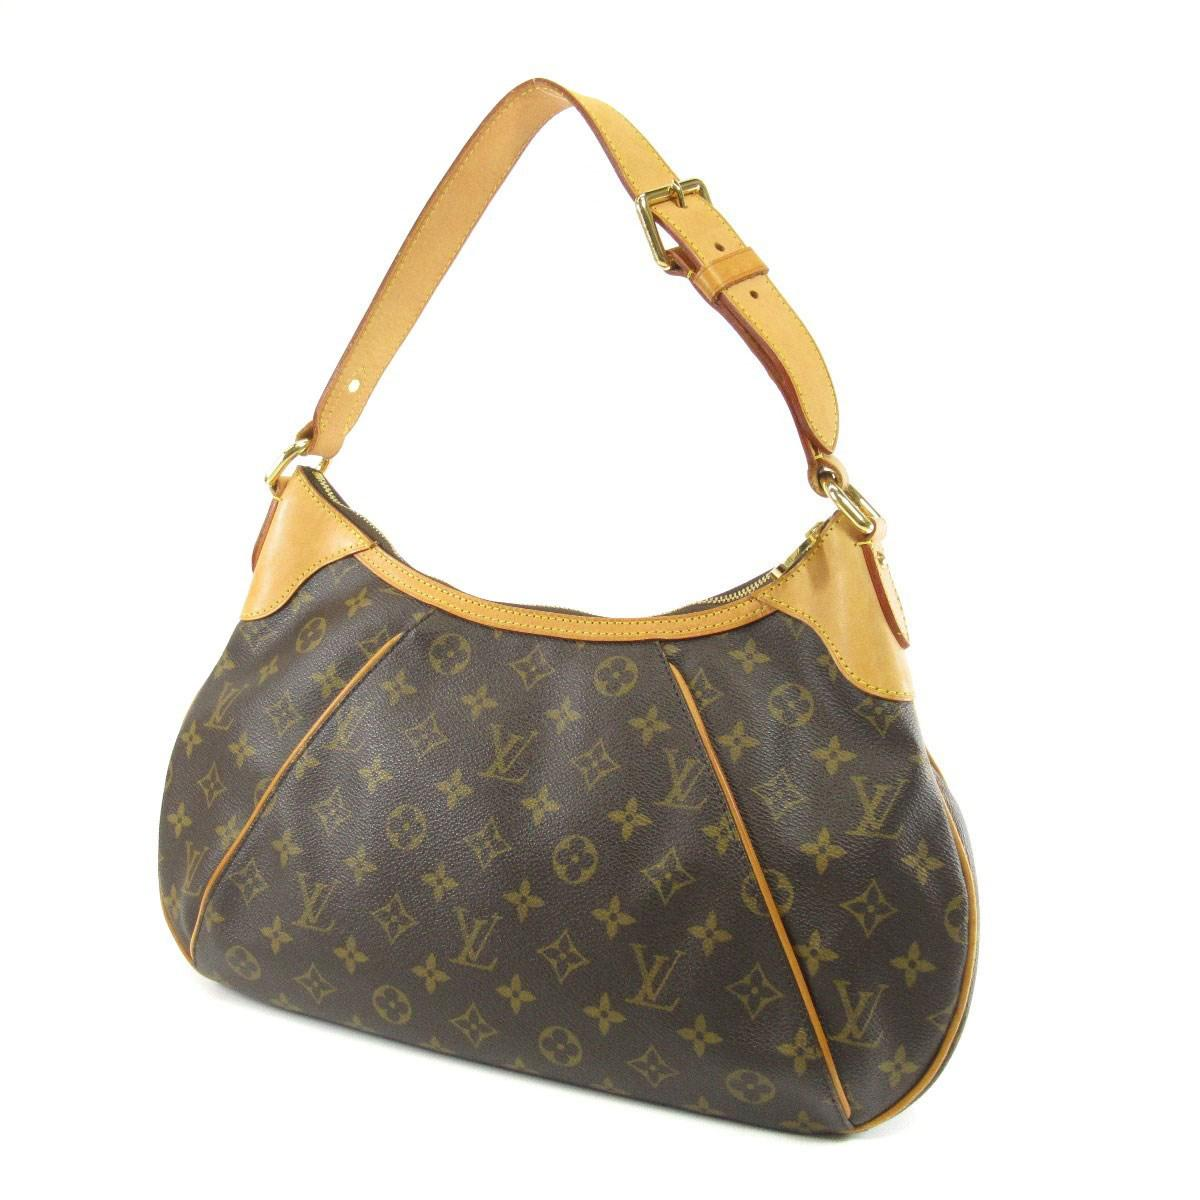 e3c18d8943fb Lyst - Louis Vuitton Monogram Canvas Shoulder Bag M56384 Thames Pm ...